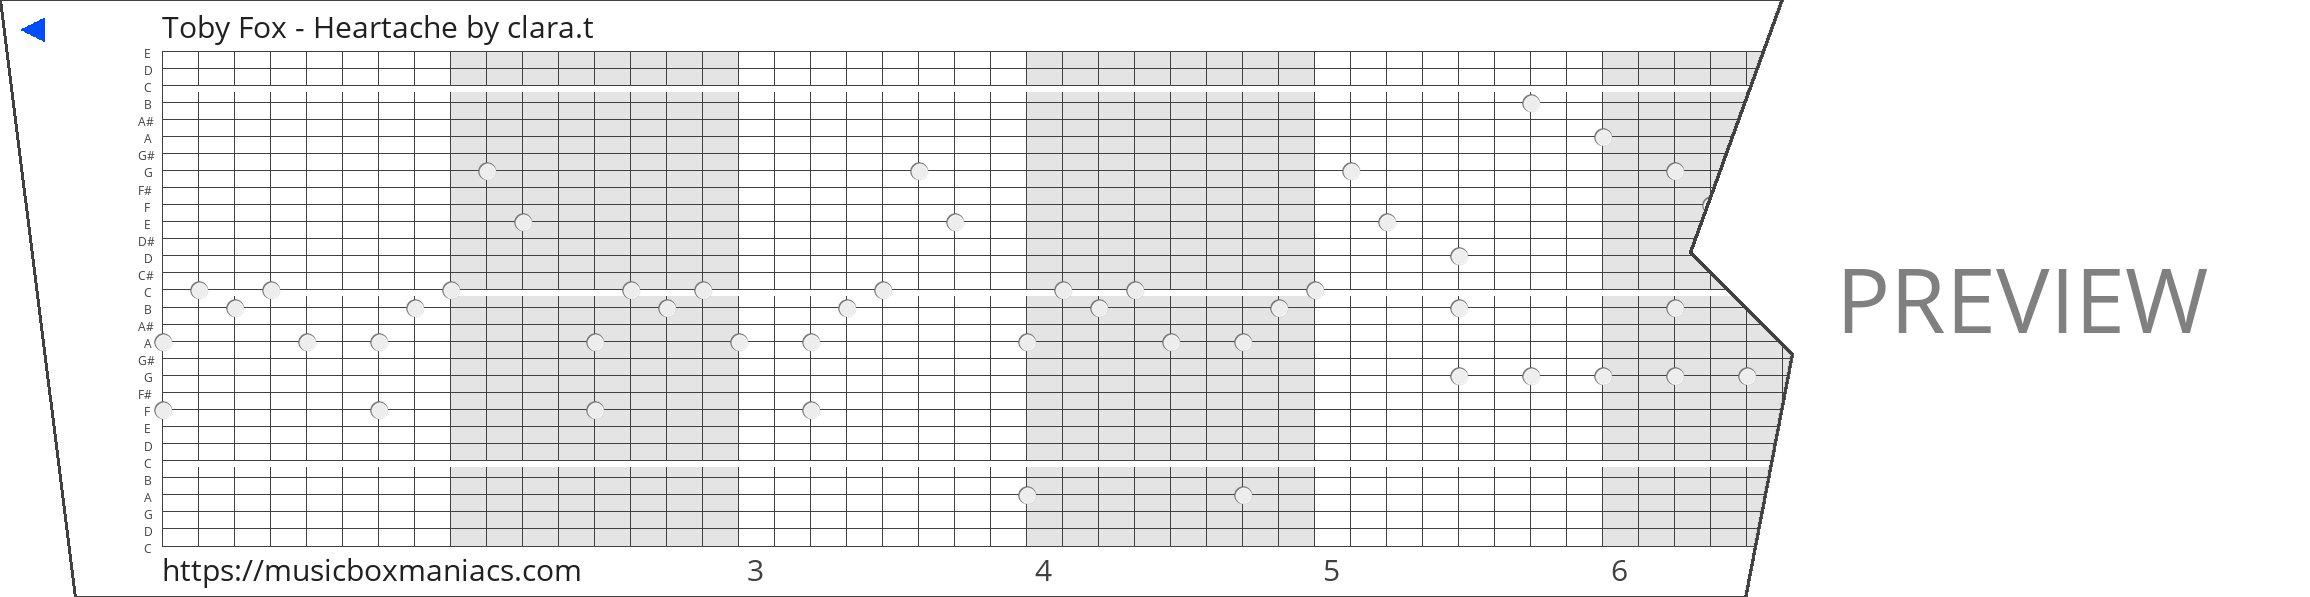 Toby Fox - Heartache 30 note music box paper strip